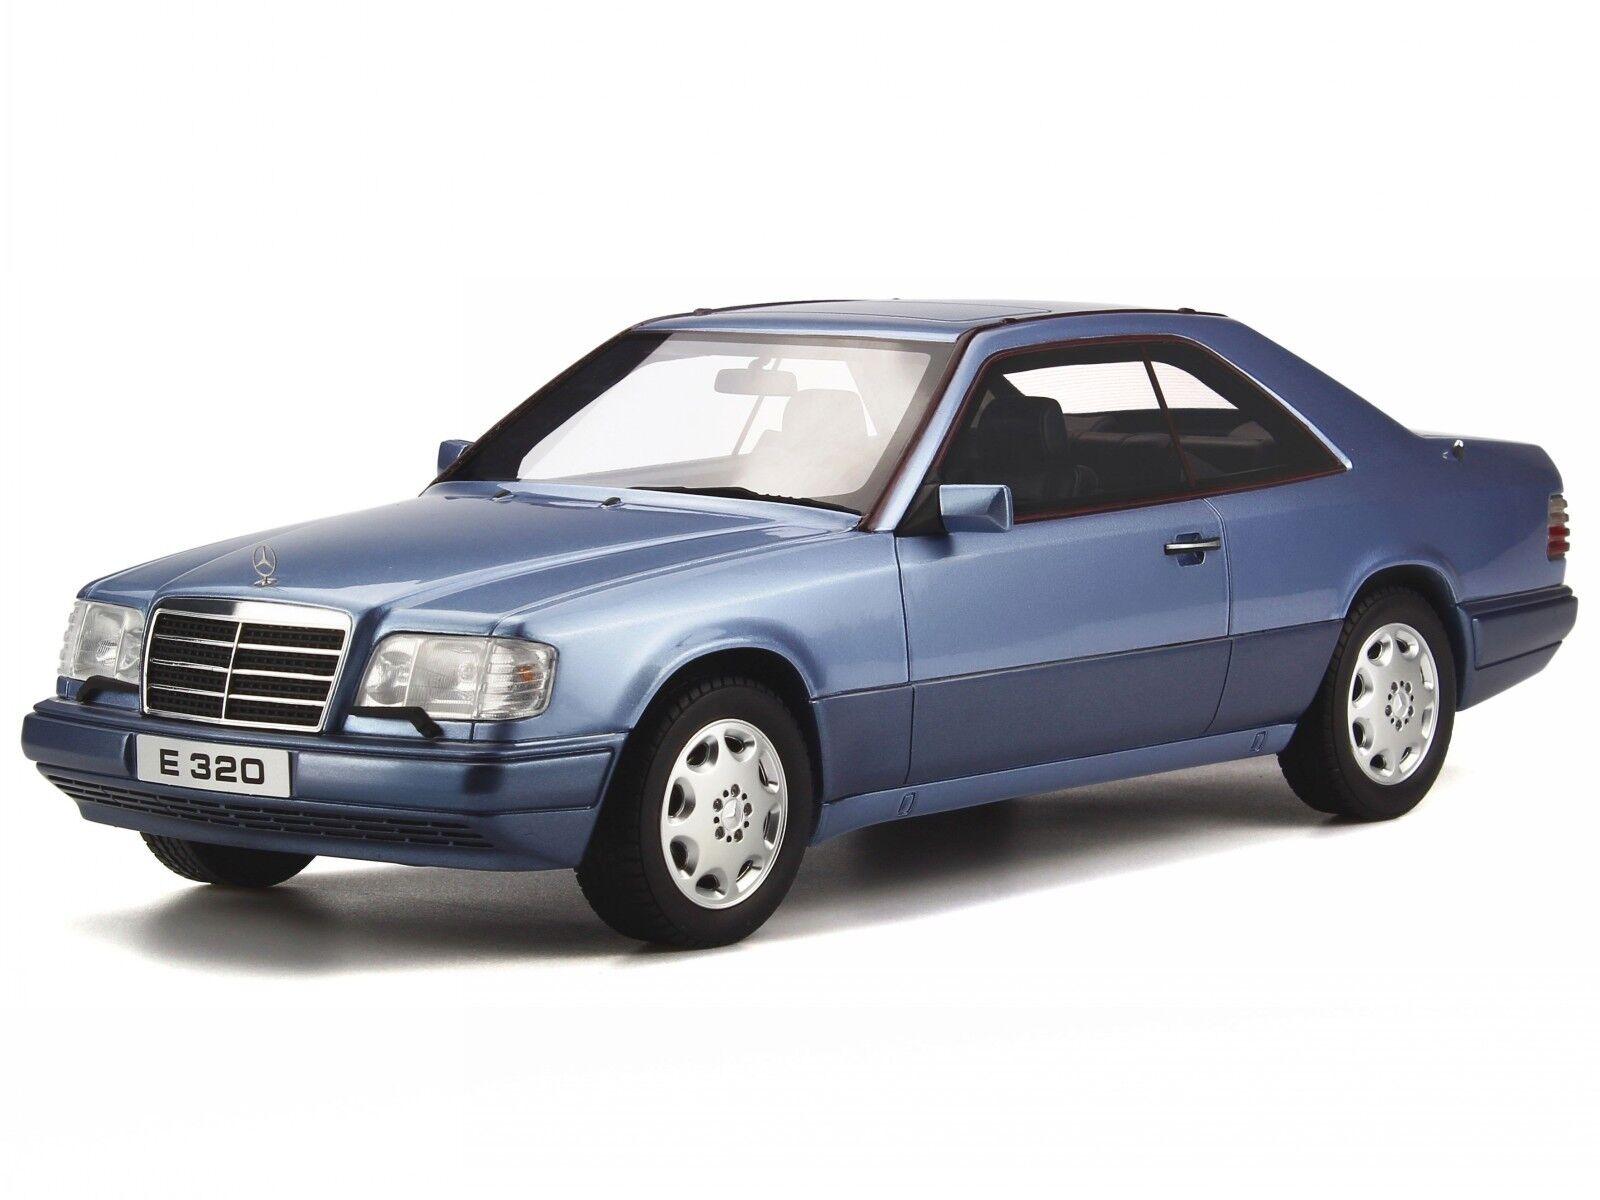 Mercedes C124 E320 Coupe E-classe perl bleu véhicule miniature OT682 Otto 1:18 | Belle En Couleurs  | Vente  | Doux Et Léger